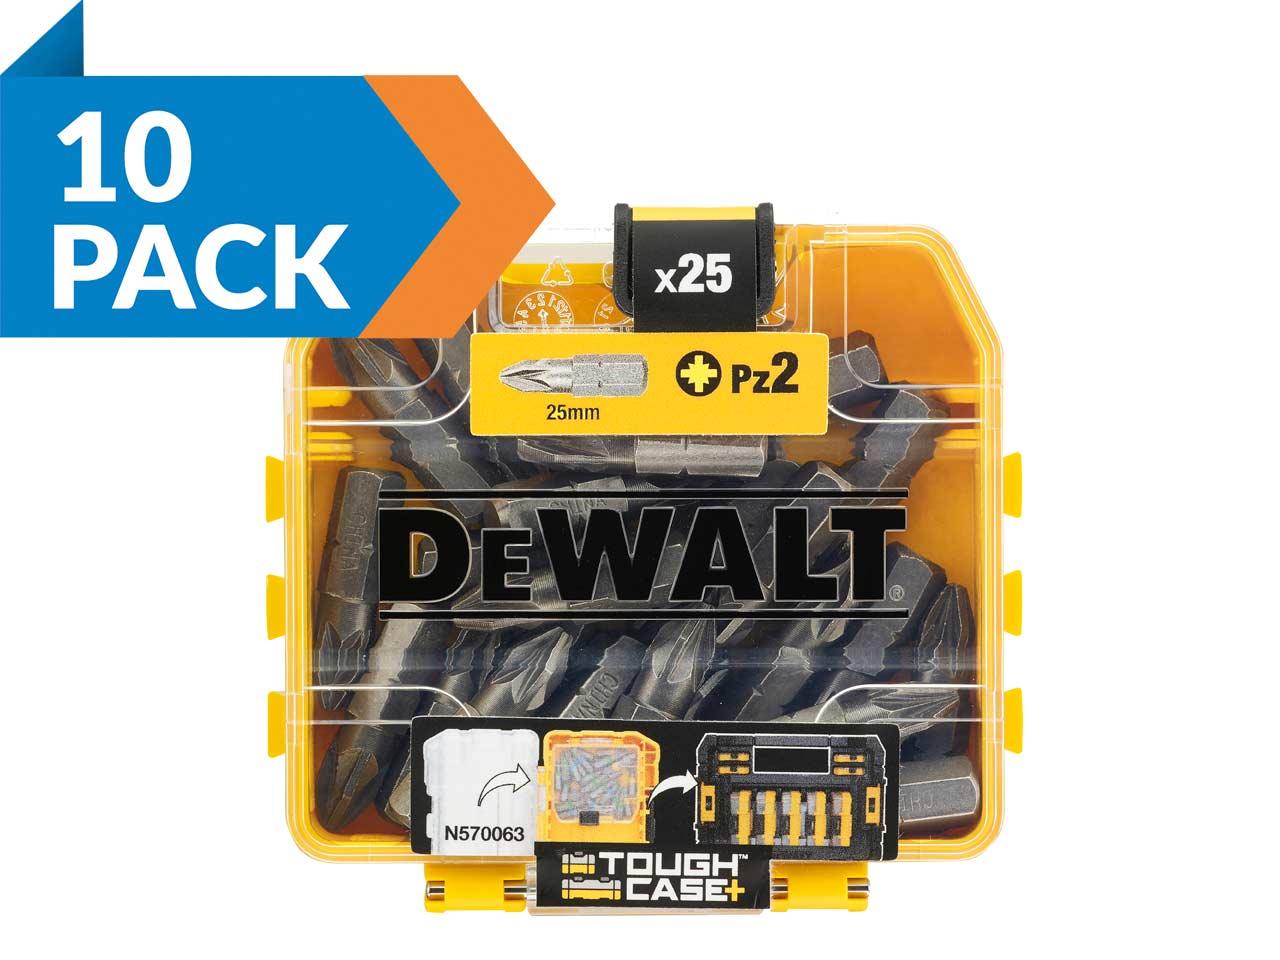 DeWalt_DT71521X10v2.jpg